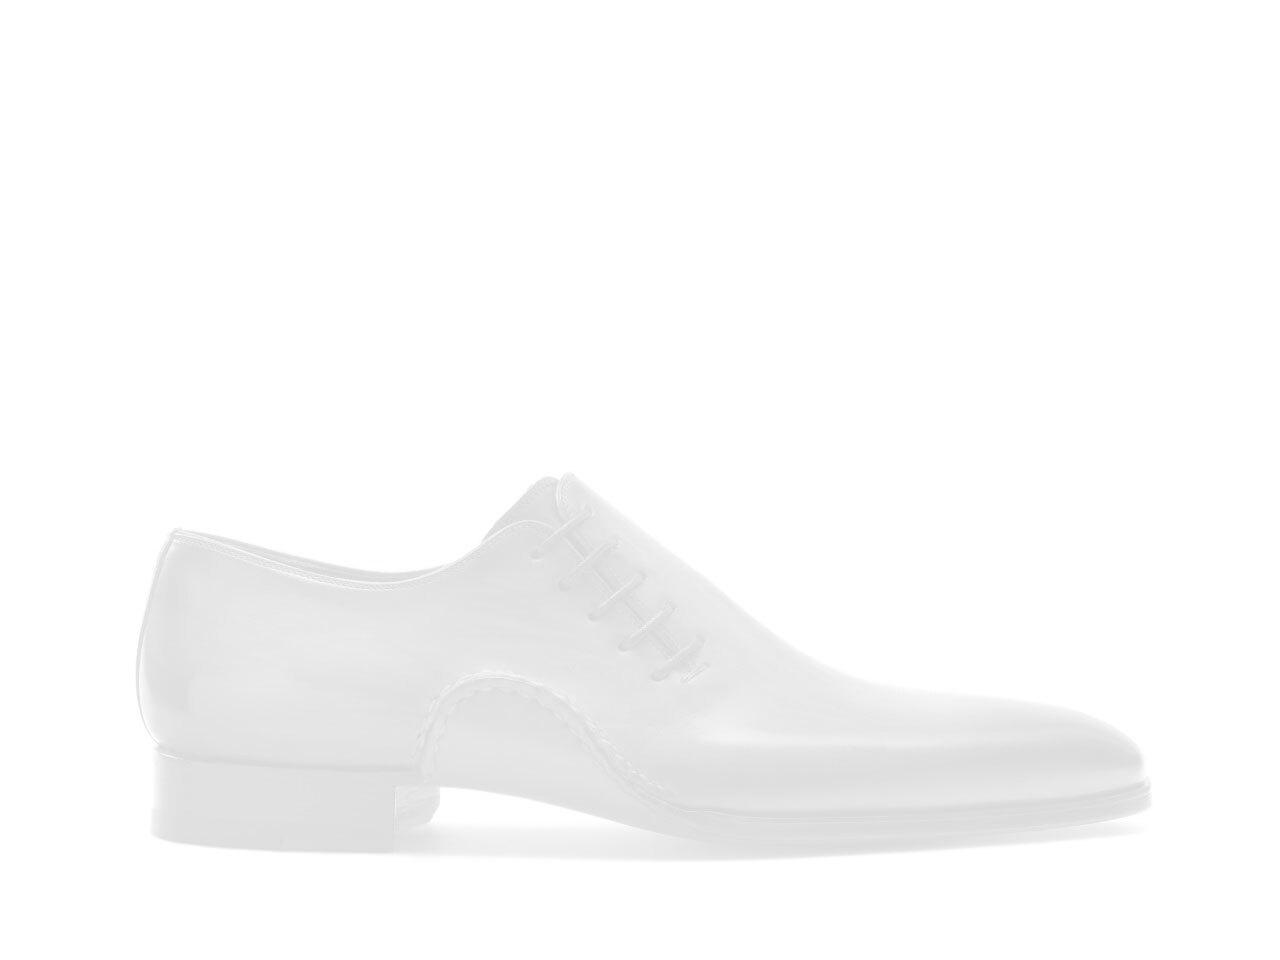 Pair of the Magnanni Allen Cognac Men's Comfort Dress Shoes